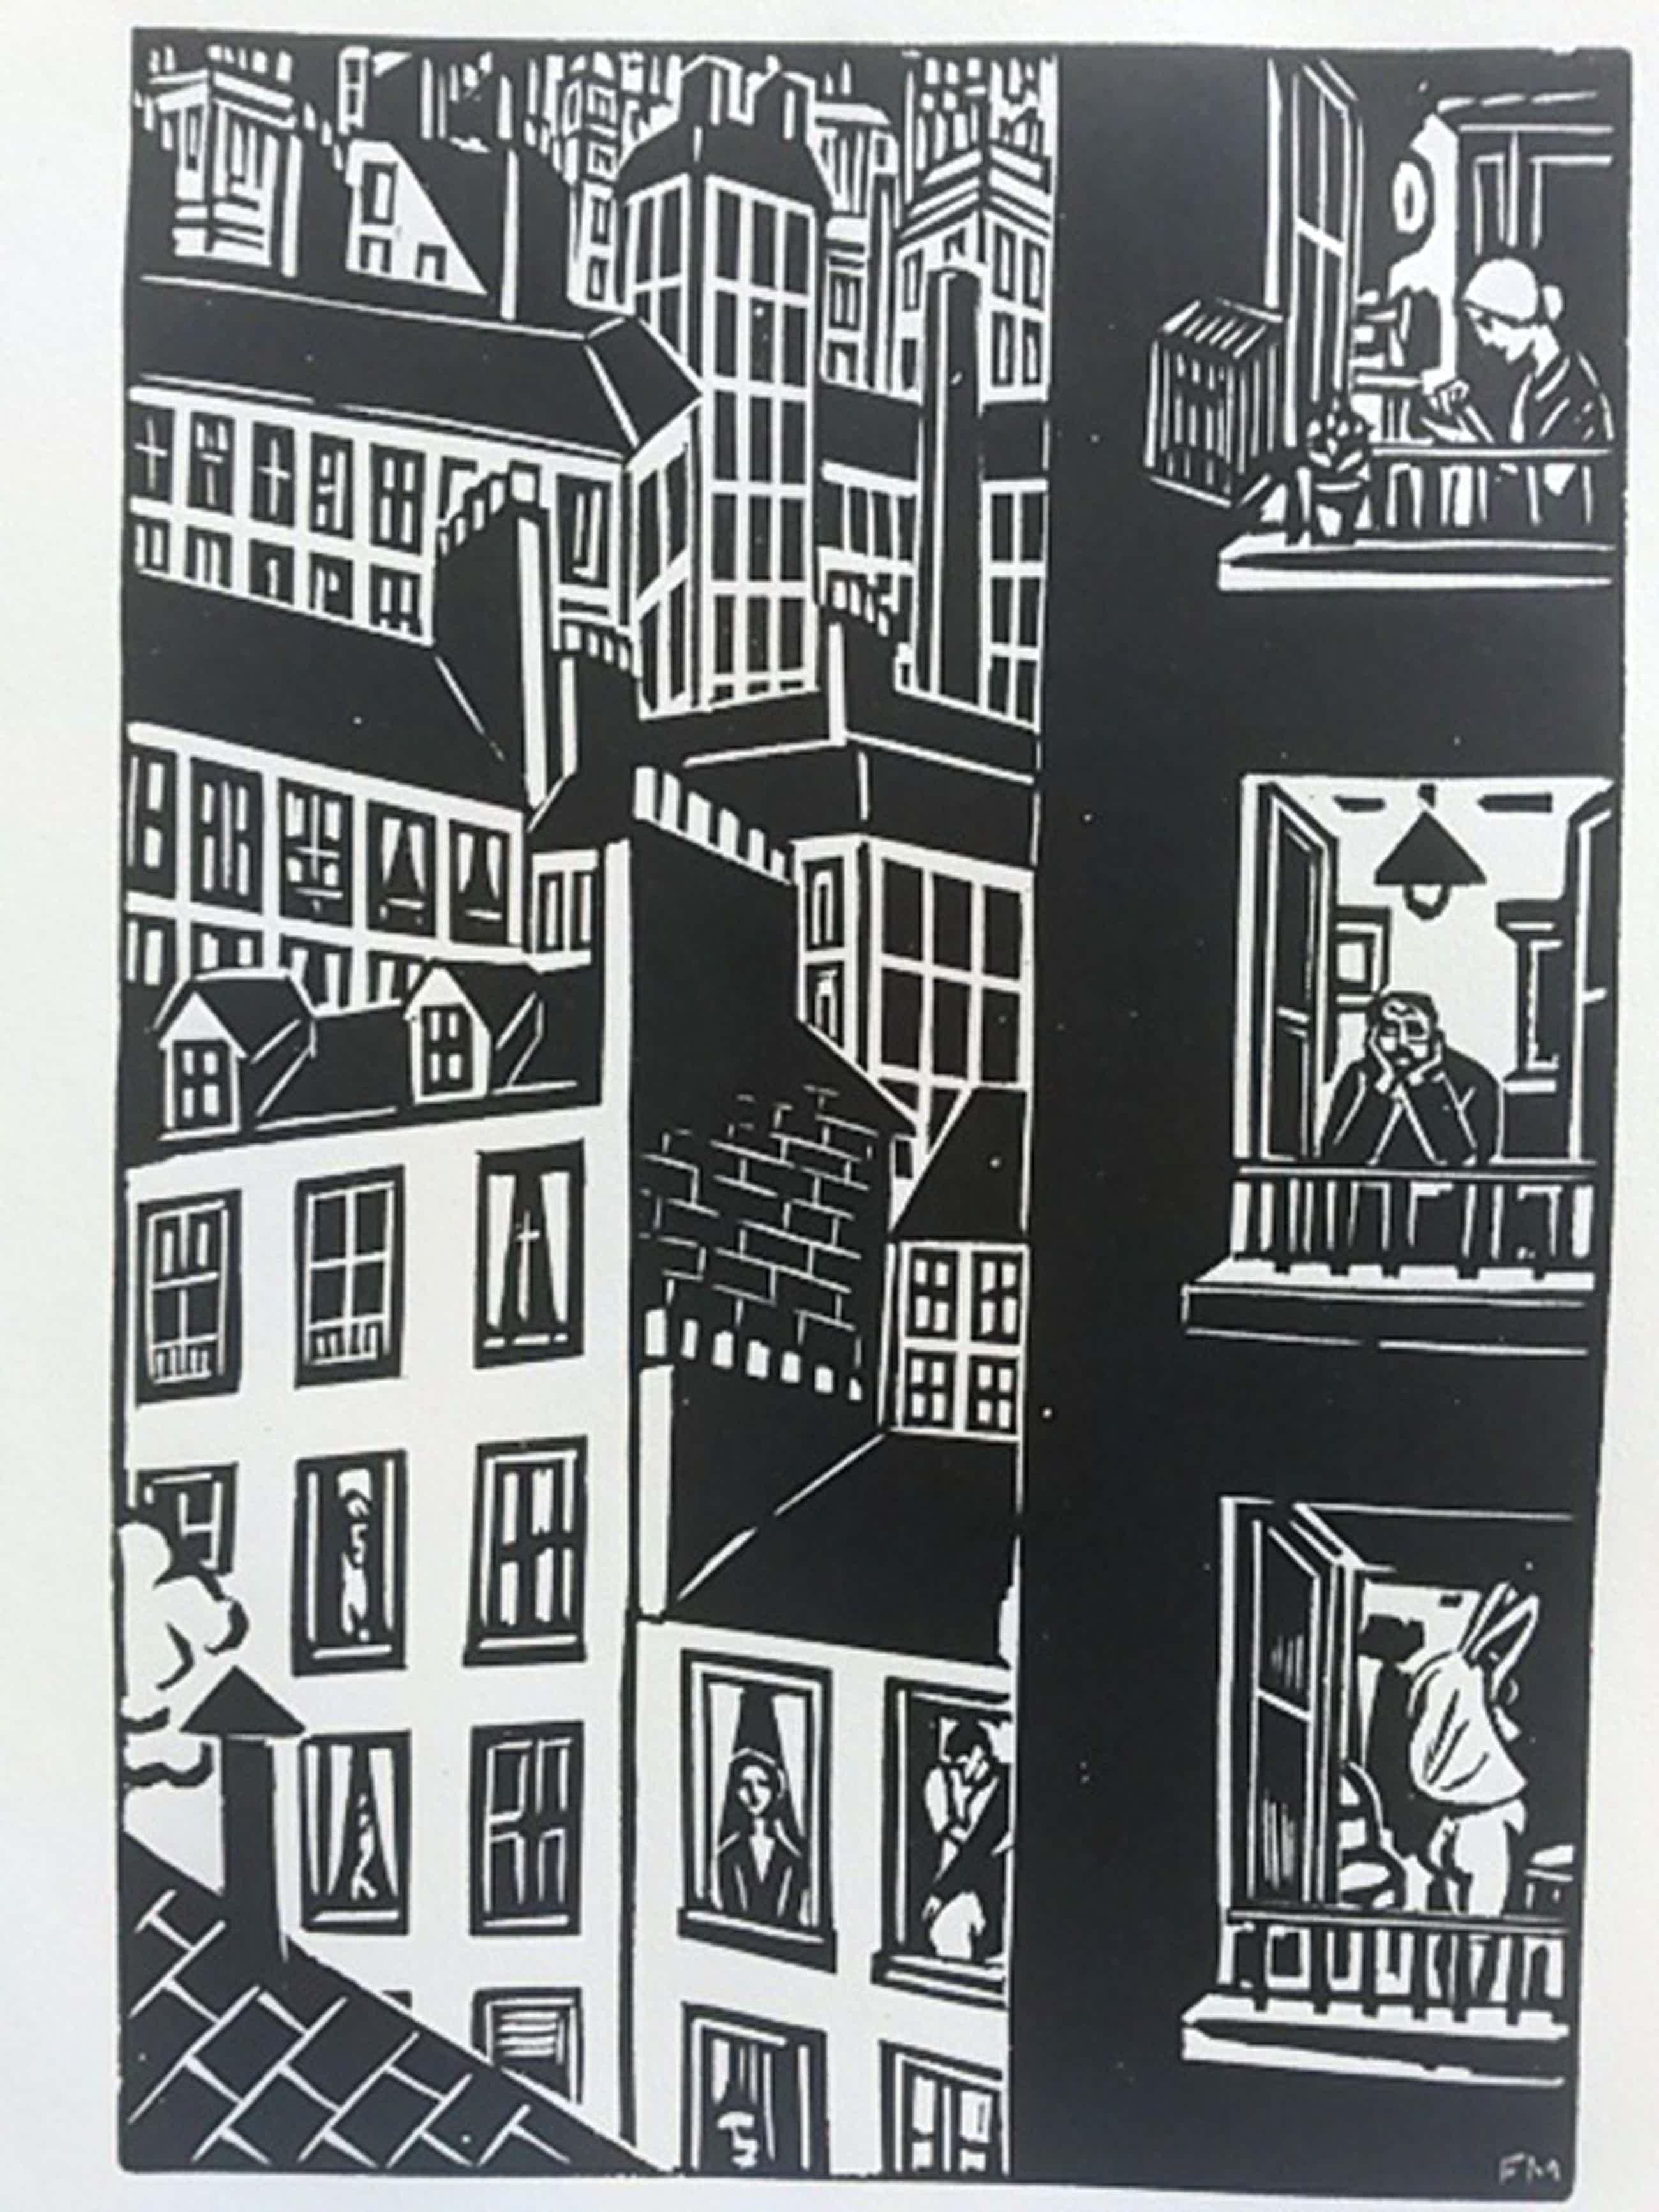 Frans Masereel, houtsnede, uit La Ville, 1928 kopen? Bied vanaf 45!